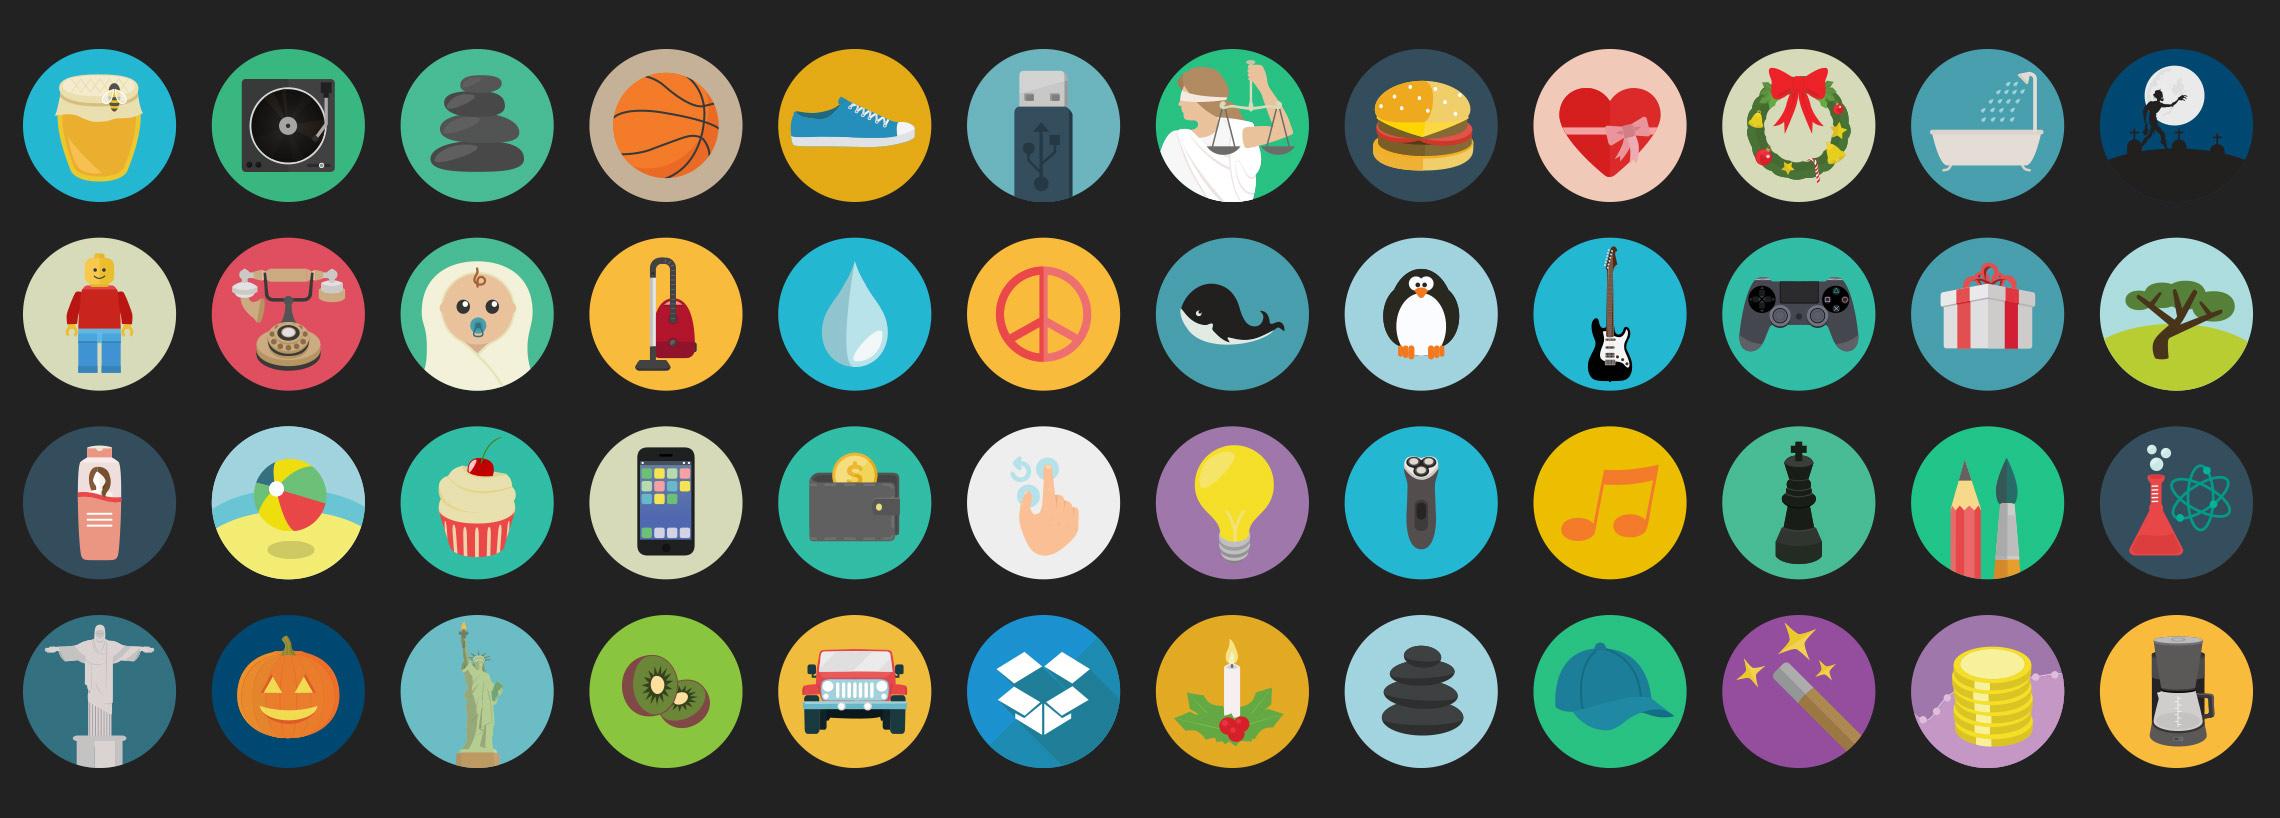 flat-round-icons-set